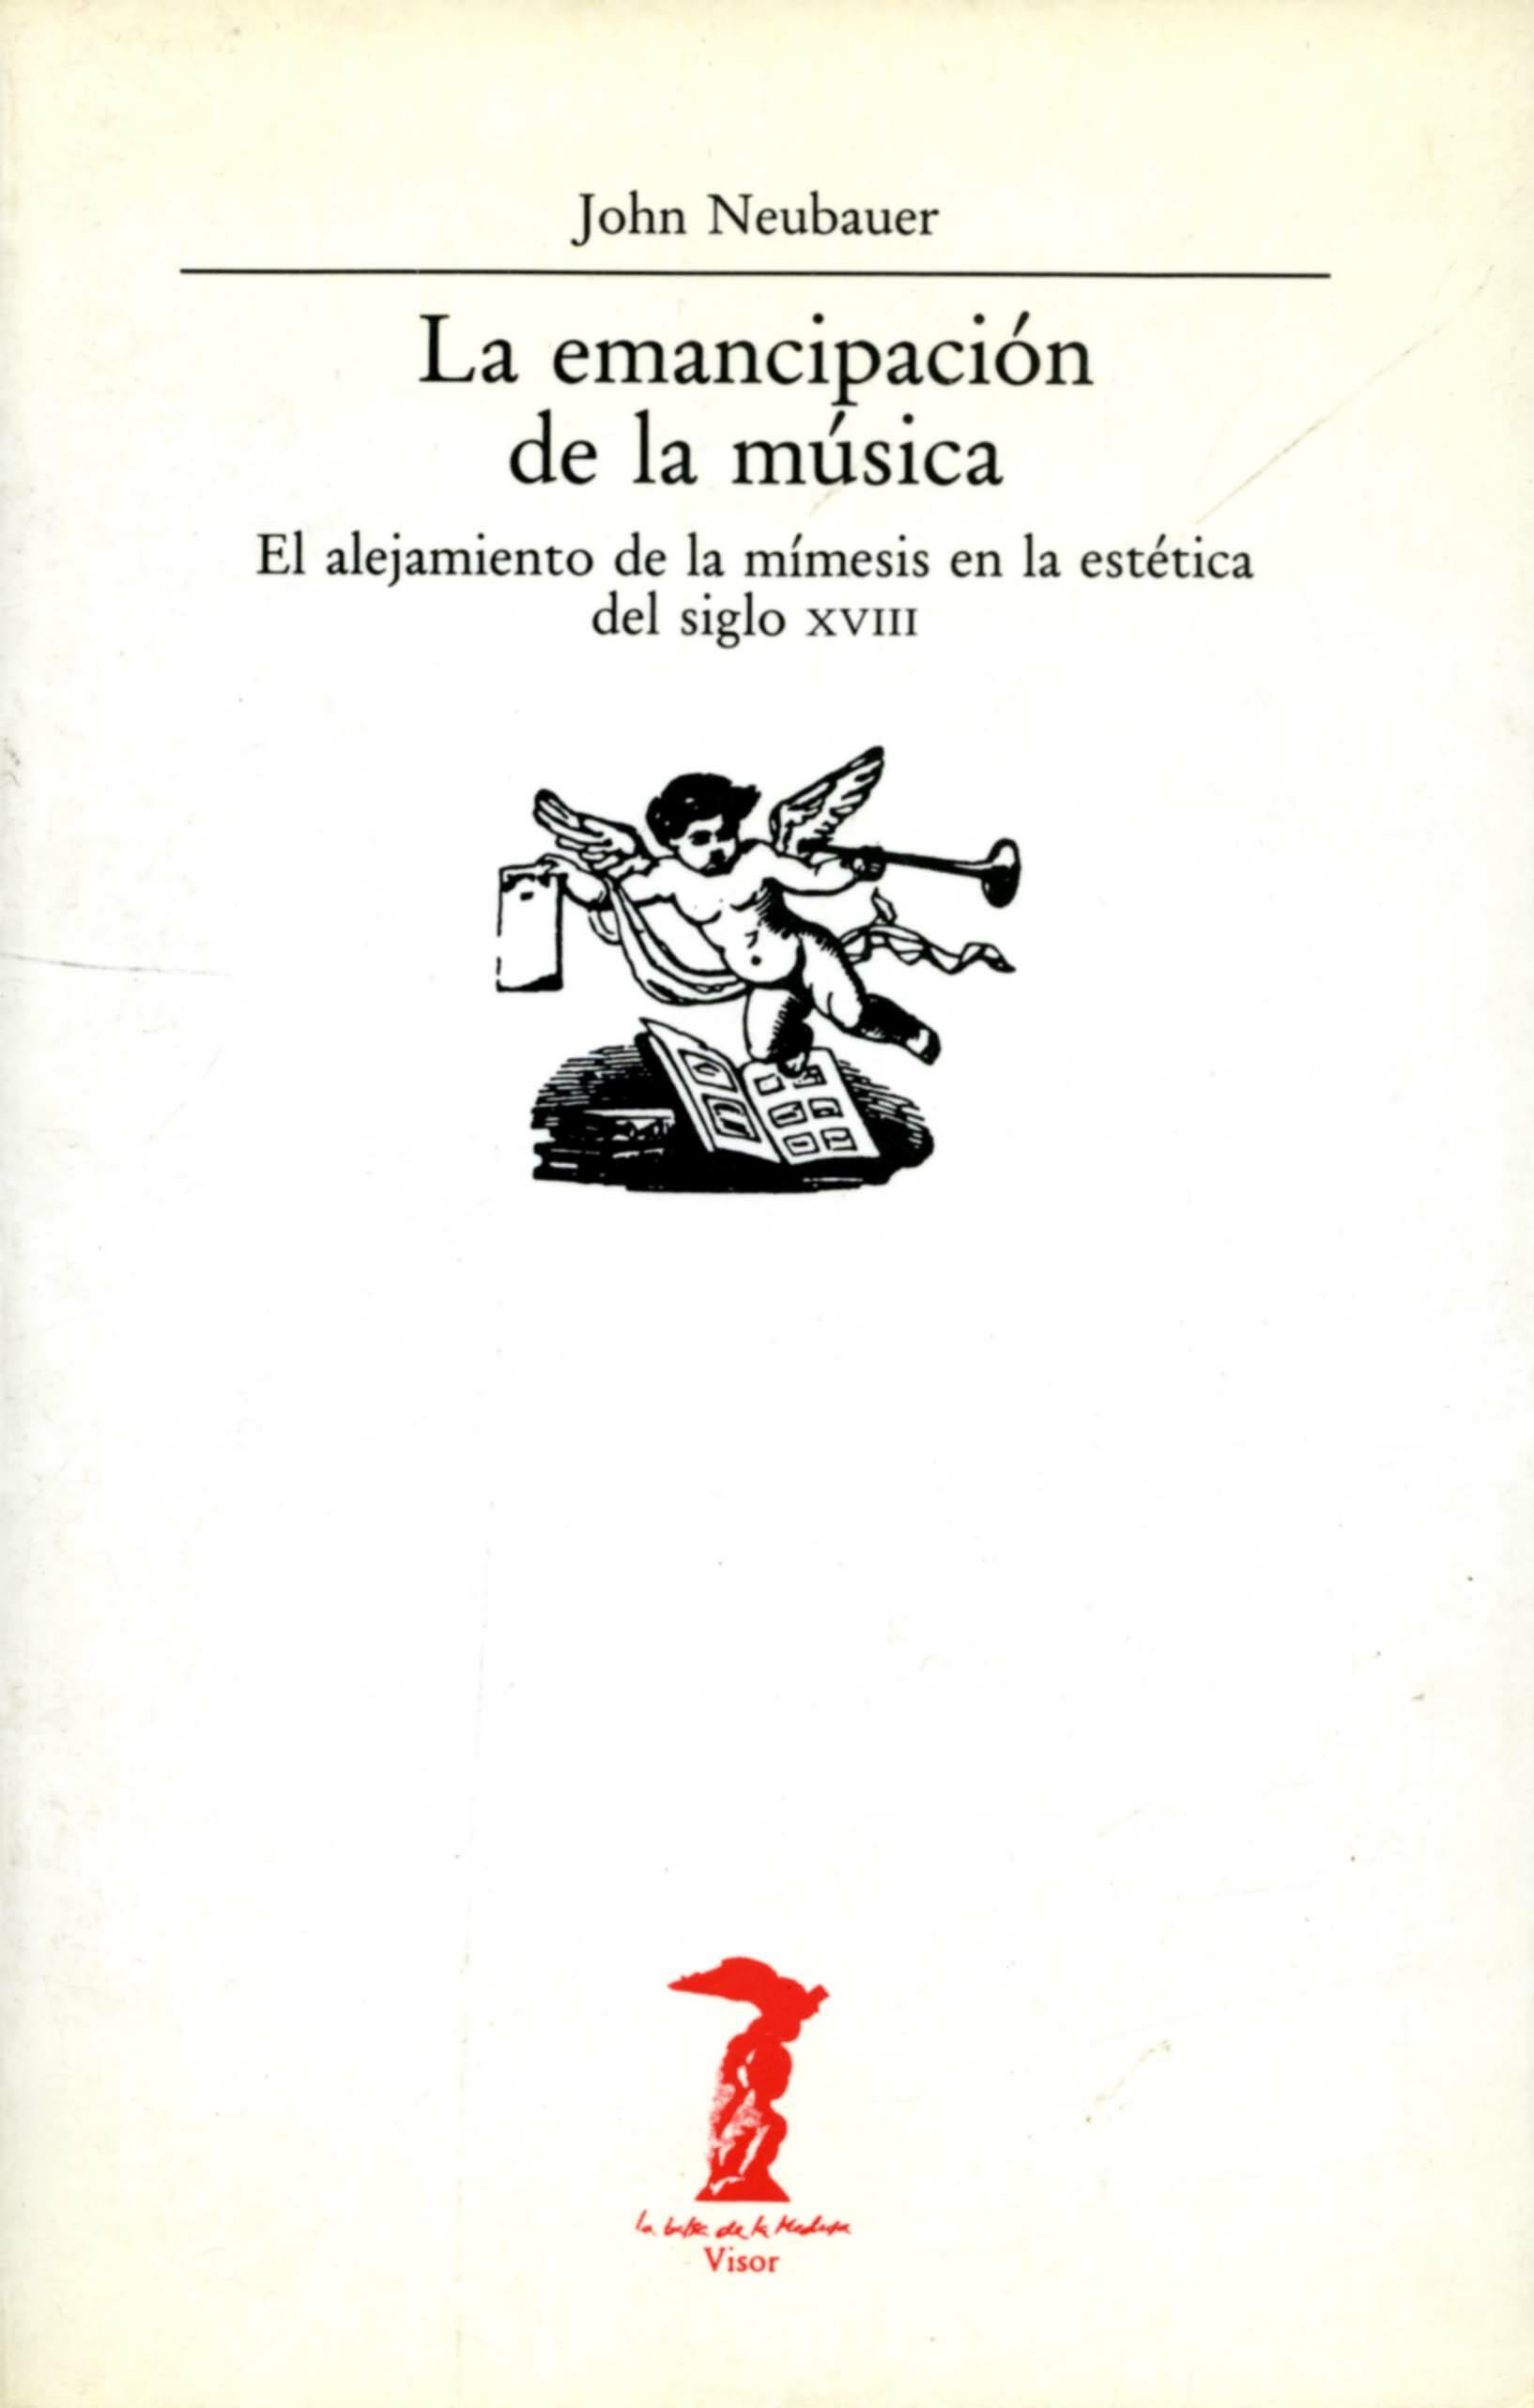 Emancipacion De La Musica Alejamiento De Mimesis Estetica S.xviii - Neubauer John